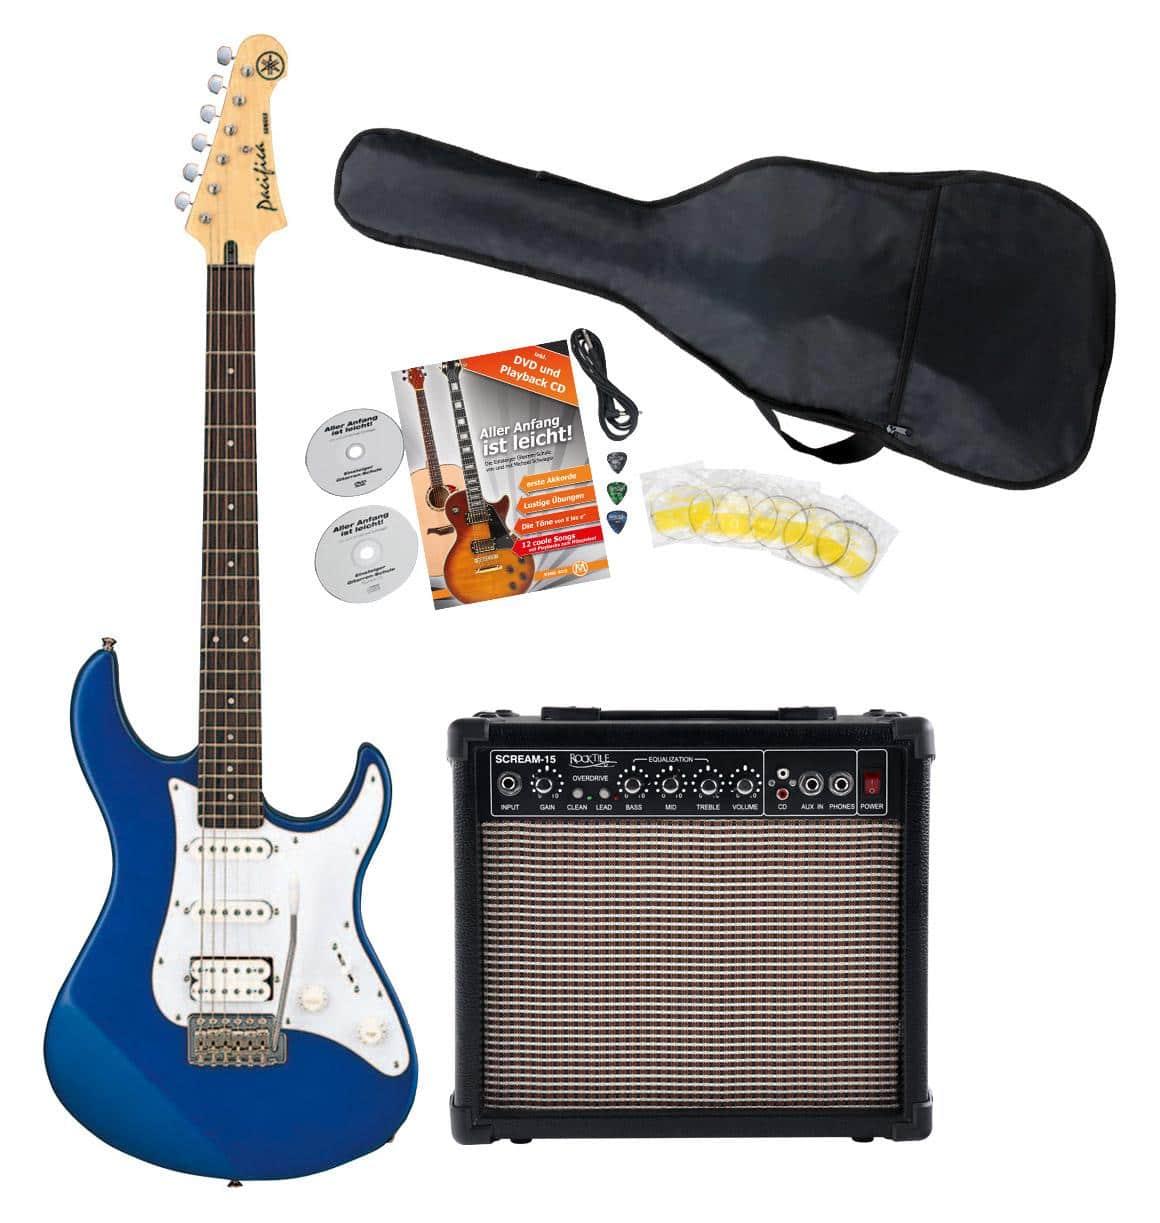 Egitarren - Yamaha Pacifica 012 DBM Blue E Gitarre Starter Set - Onlineshop Musikhaus Kirstein